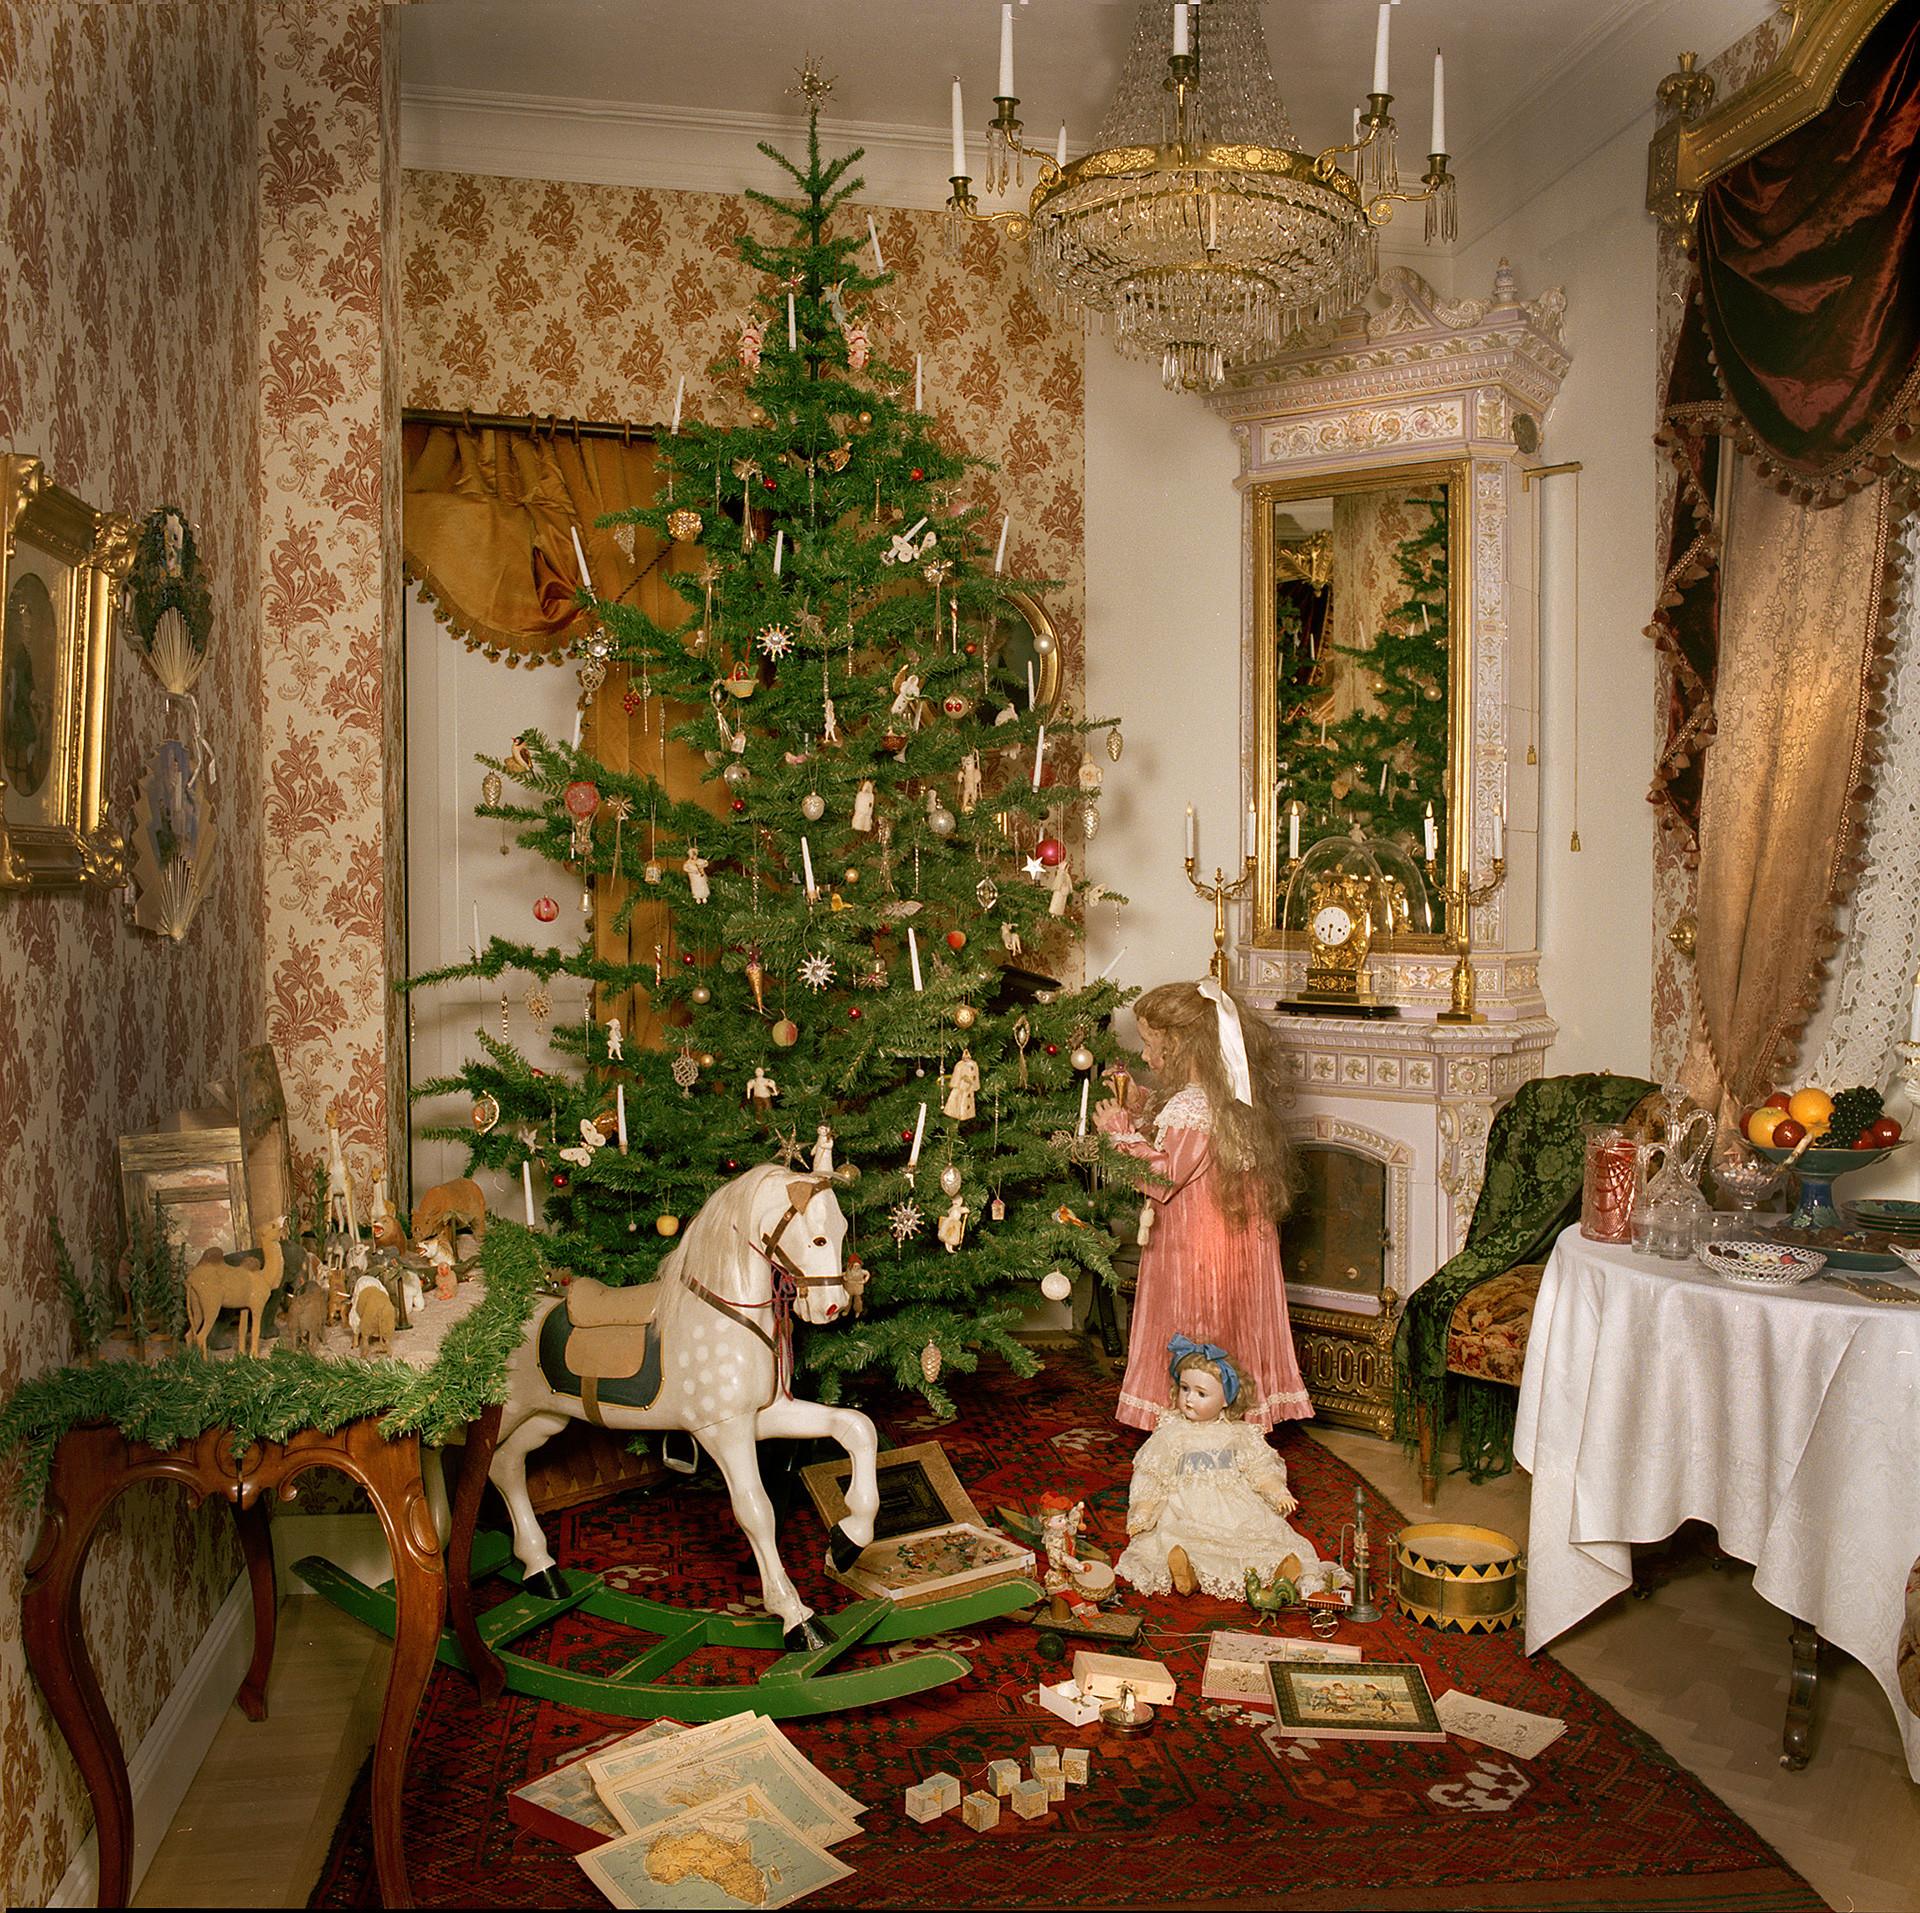 Julaftonsinteriör från ett högborgerligt hem på 1890-talet i utställningen Traditioner.